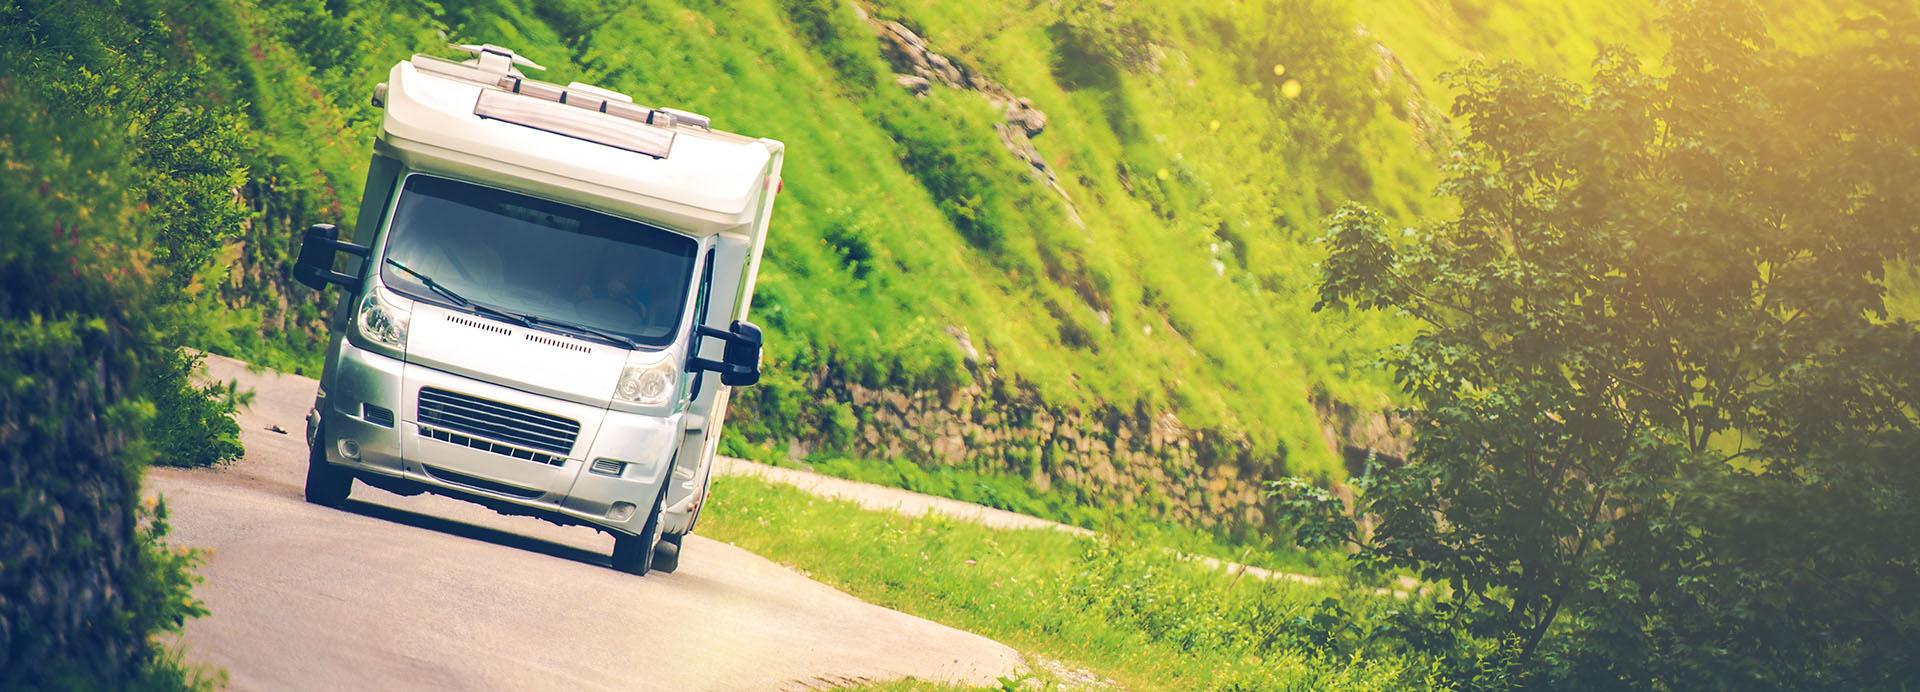 Movimentatore per roulotte e caravan